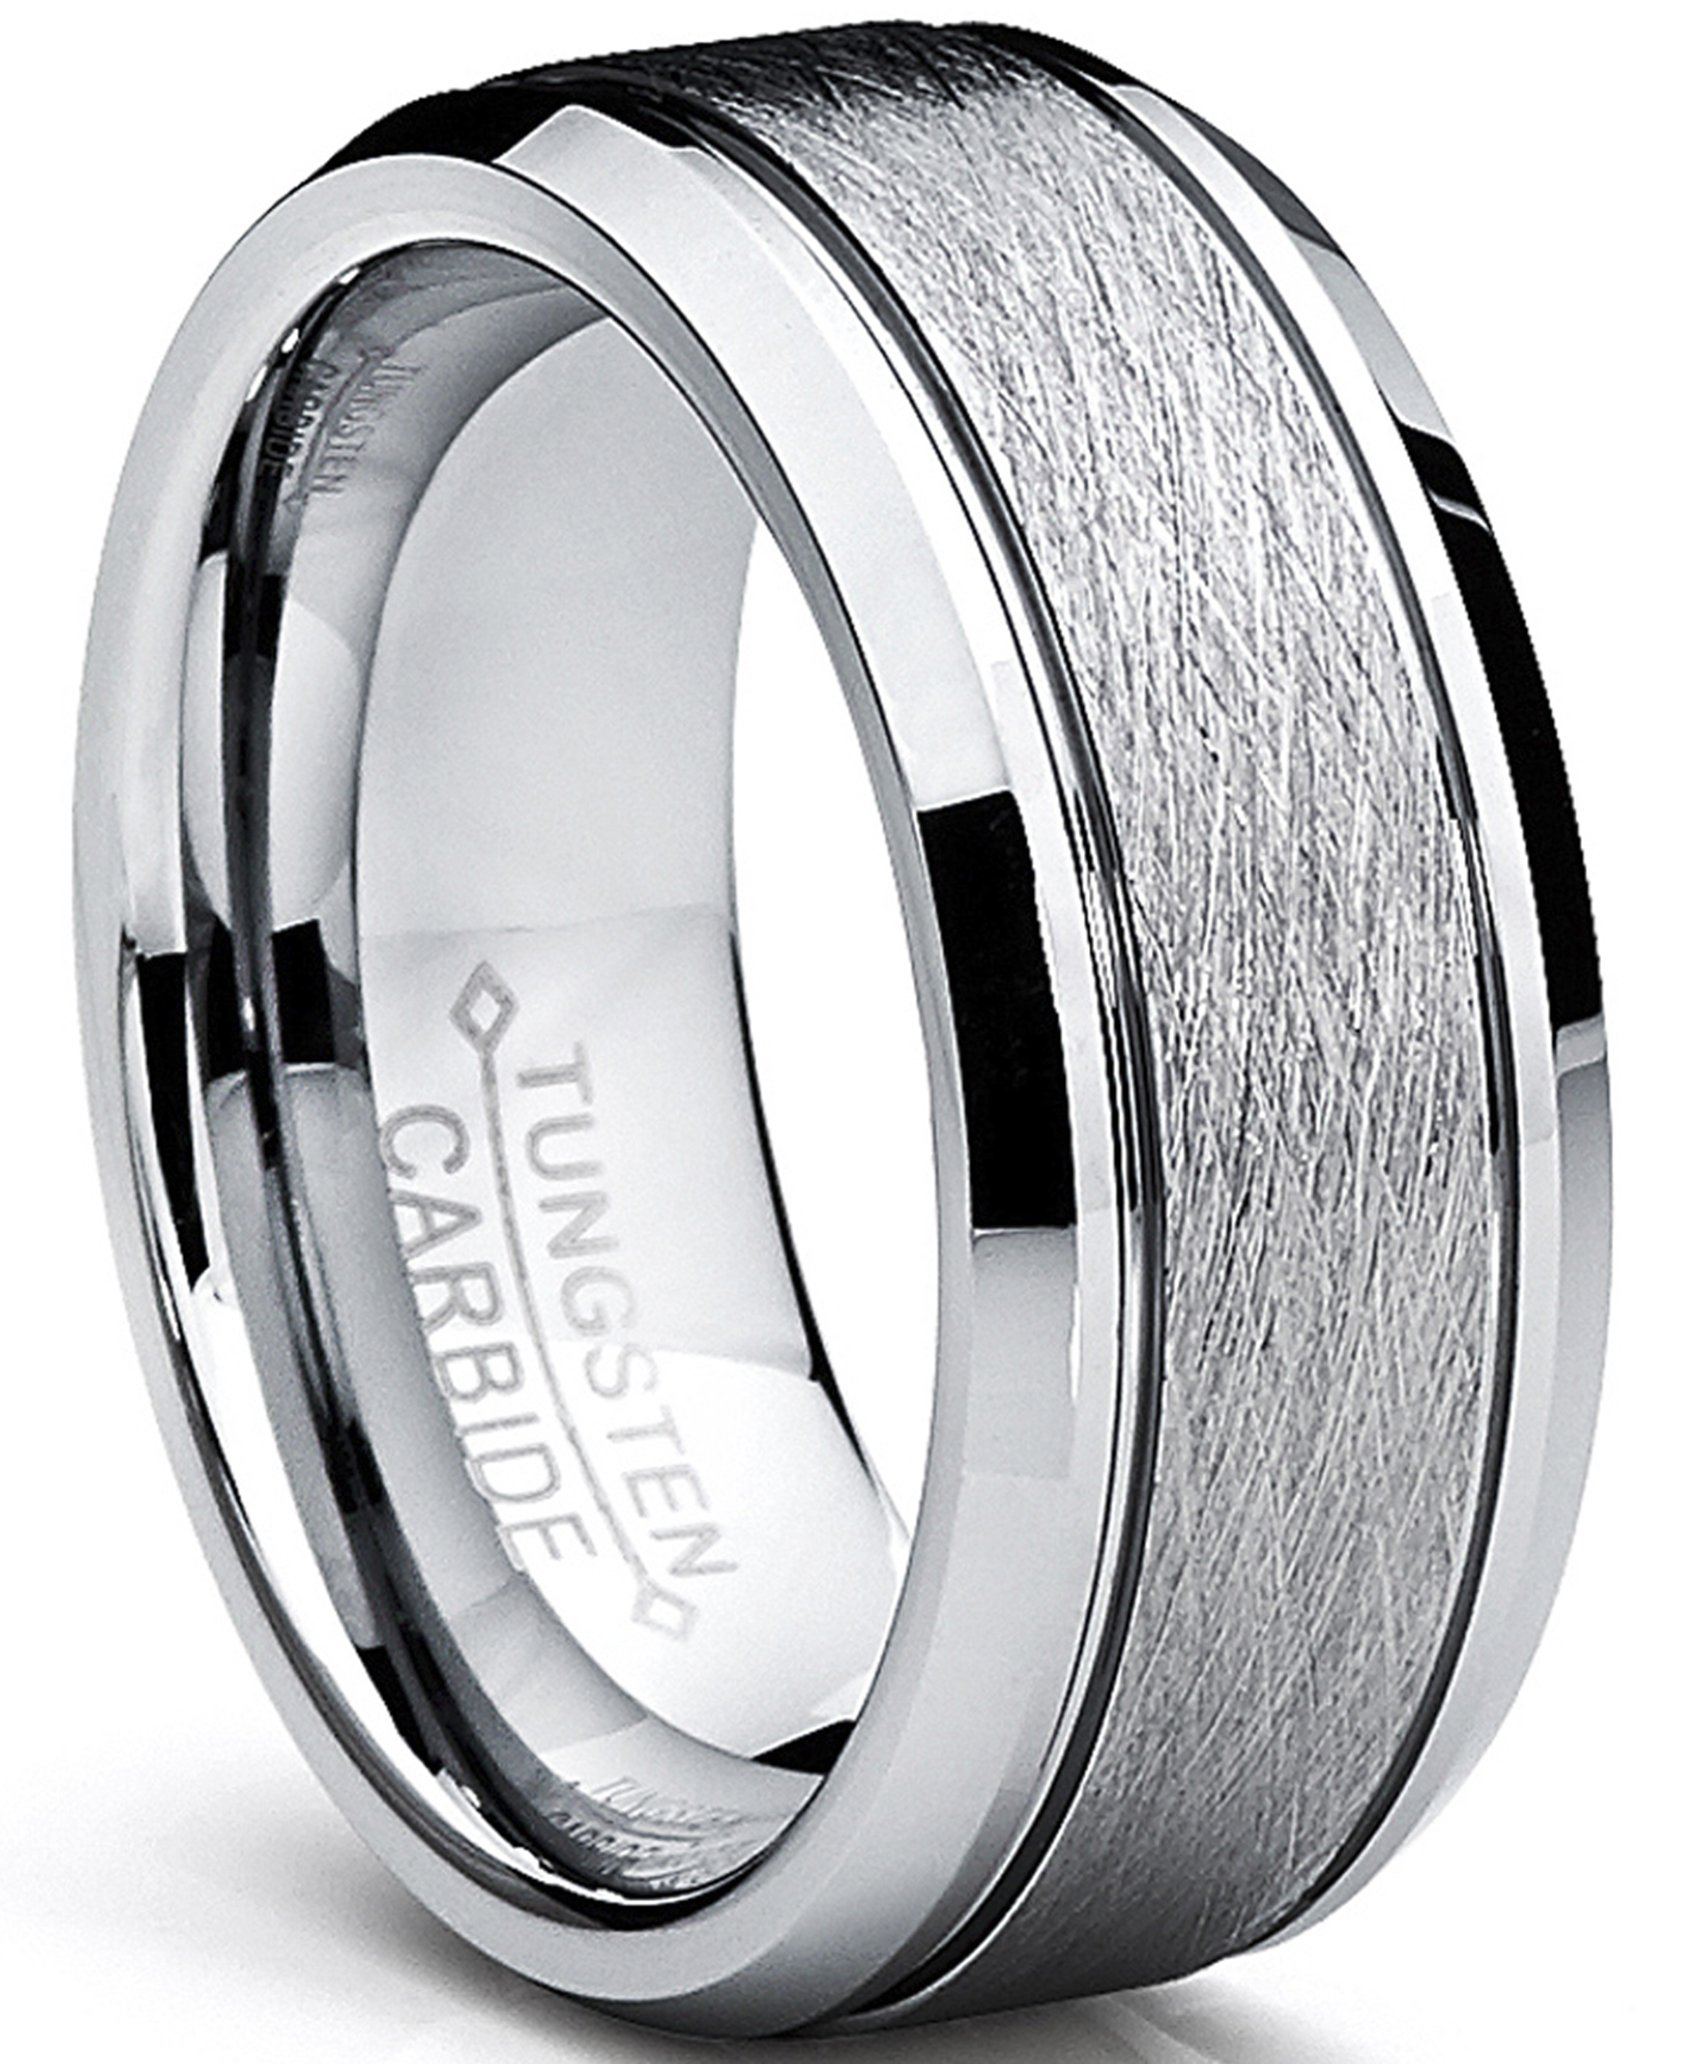 Bague de Mariage Plaqu/é Or Titane Pour Homme Int/érieur Confort 8mm Ultimate Metals Co